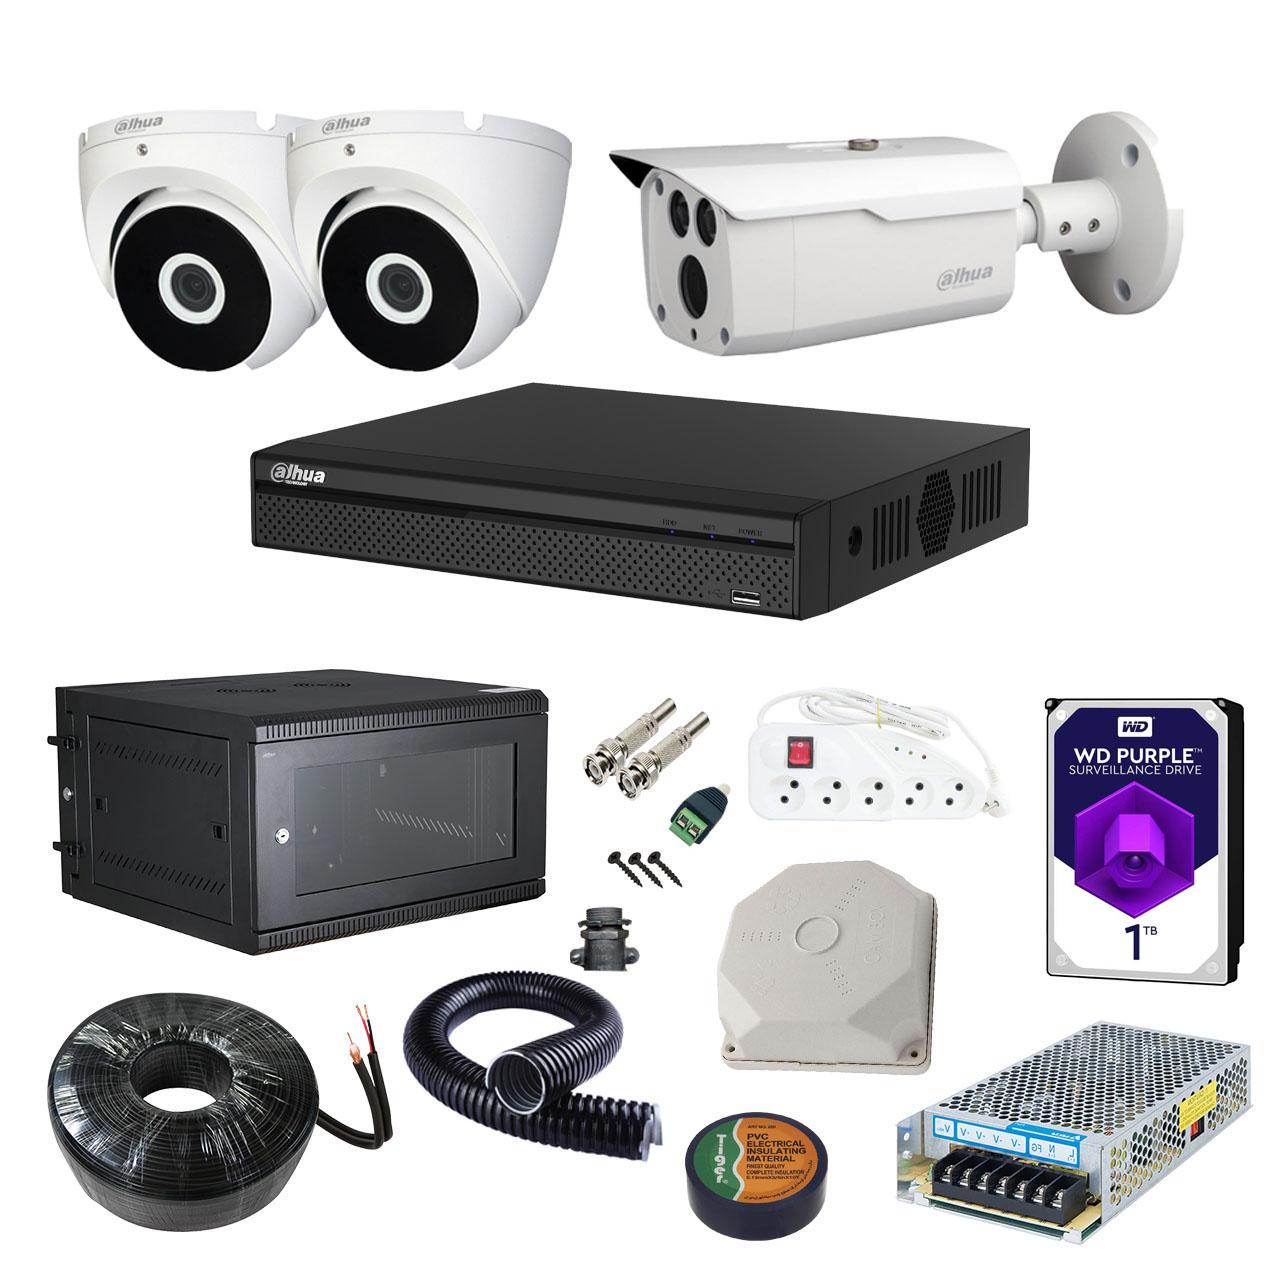 بررسی و خرید [با تخفیف]                                     سیستم امنیتی داهوا مدل DP32I2101-f                             اورجینال